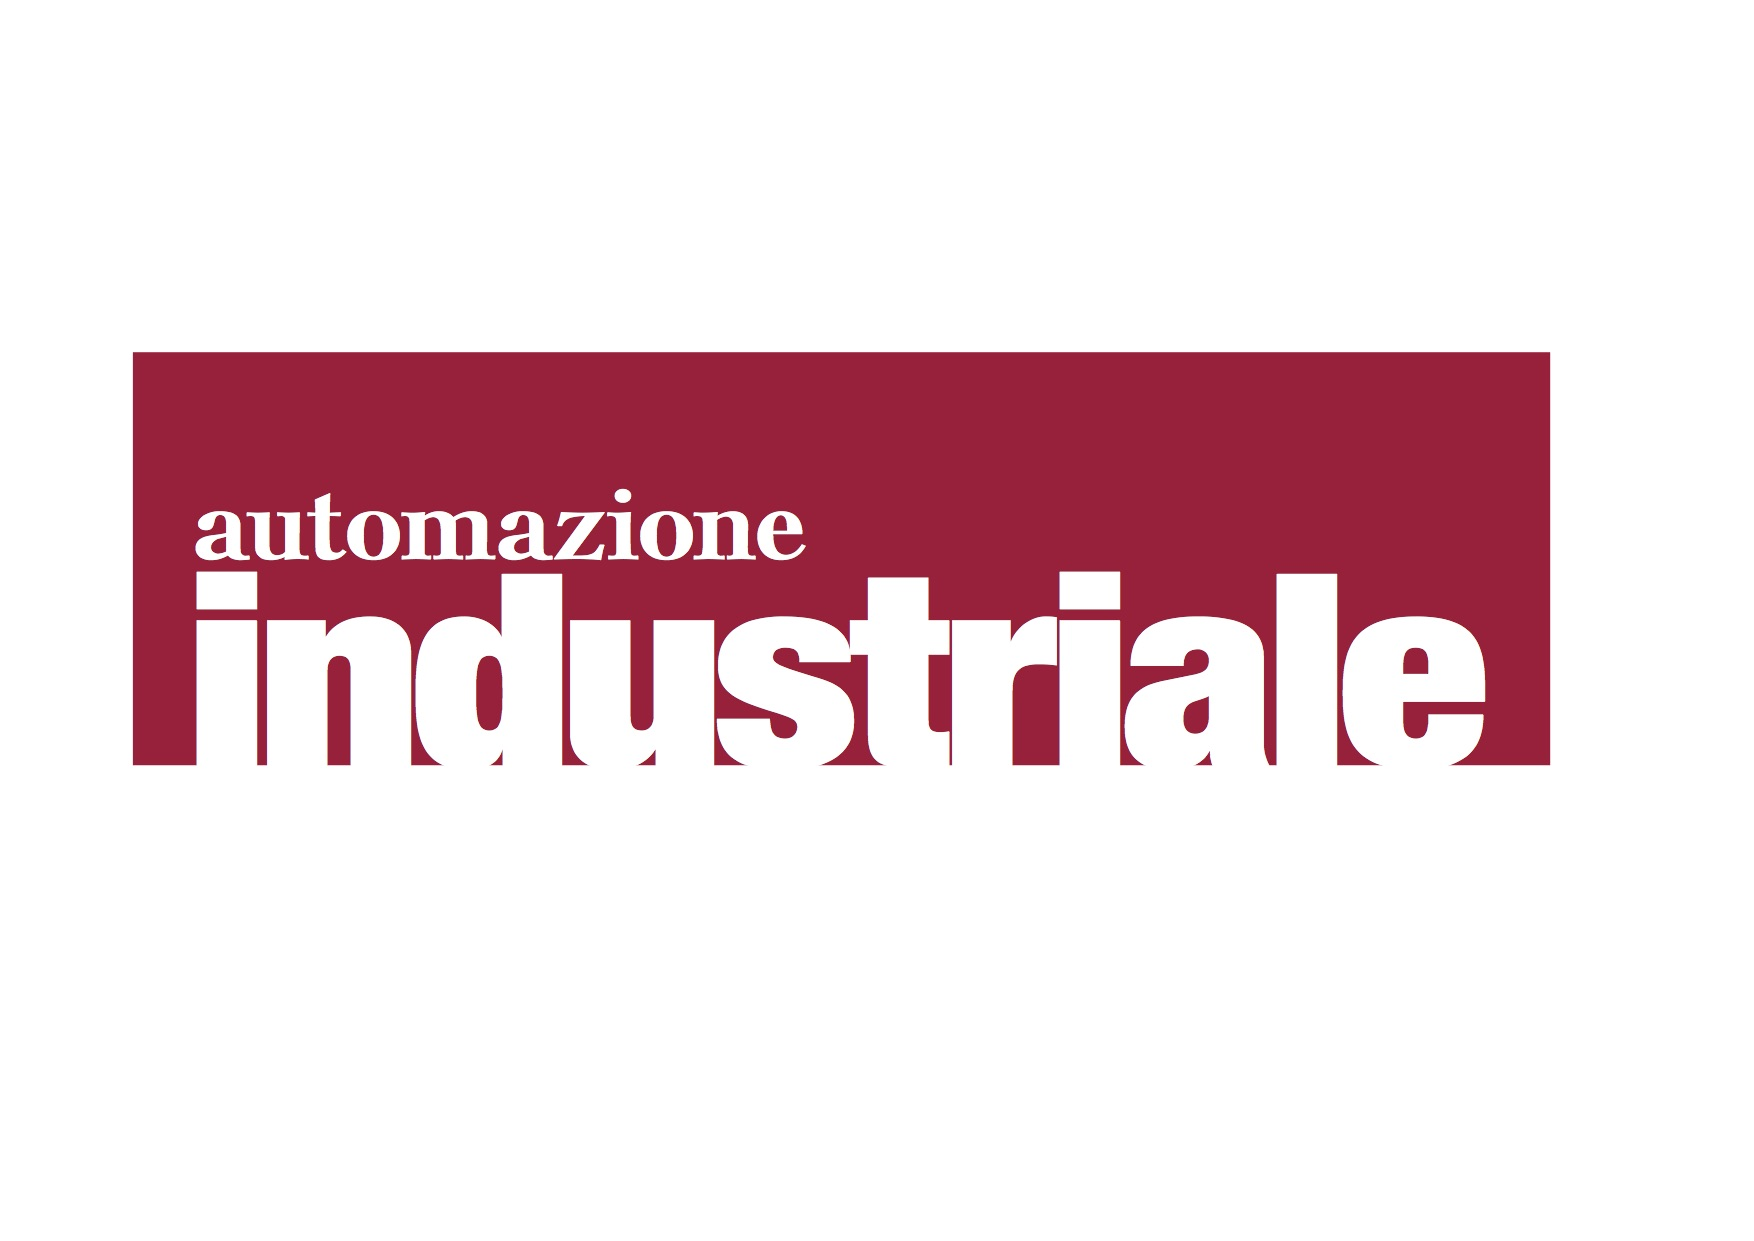 AUTOMAZIONE_TestataRossa_2017_1